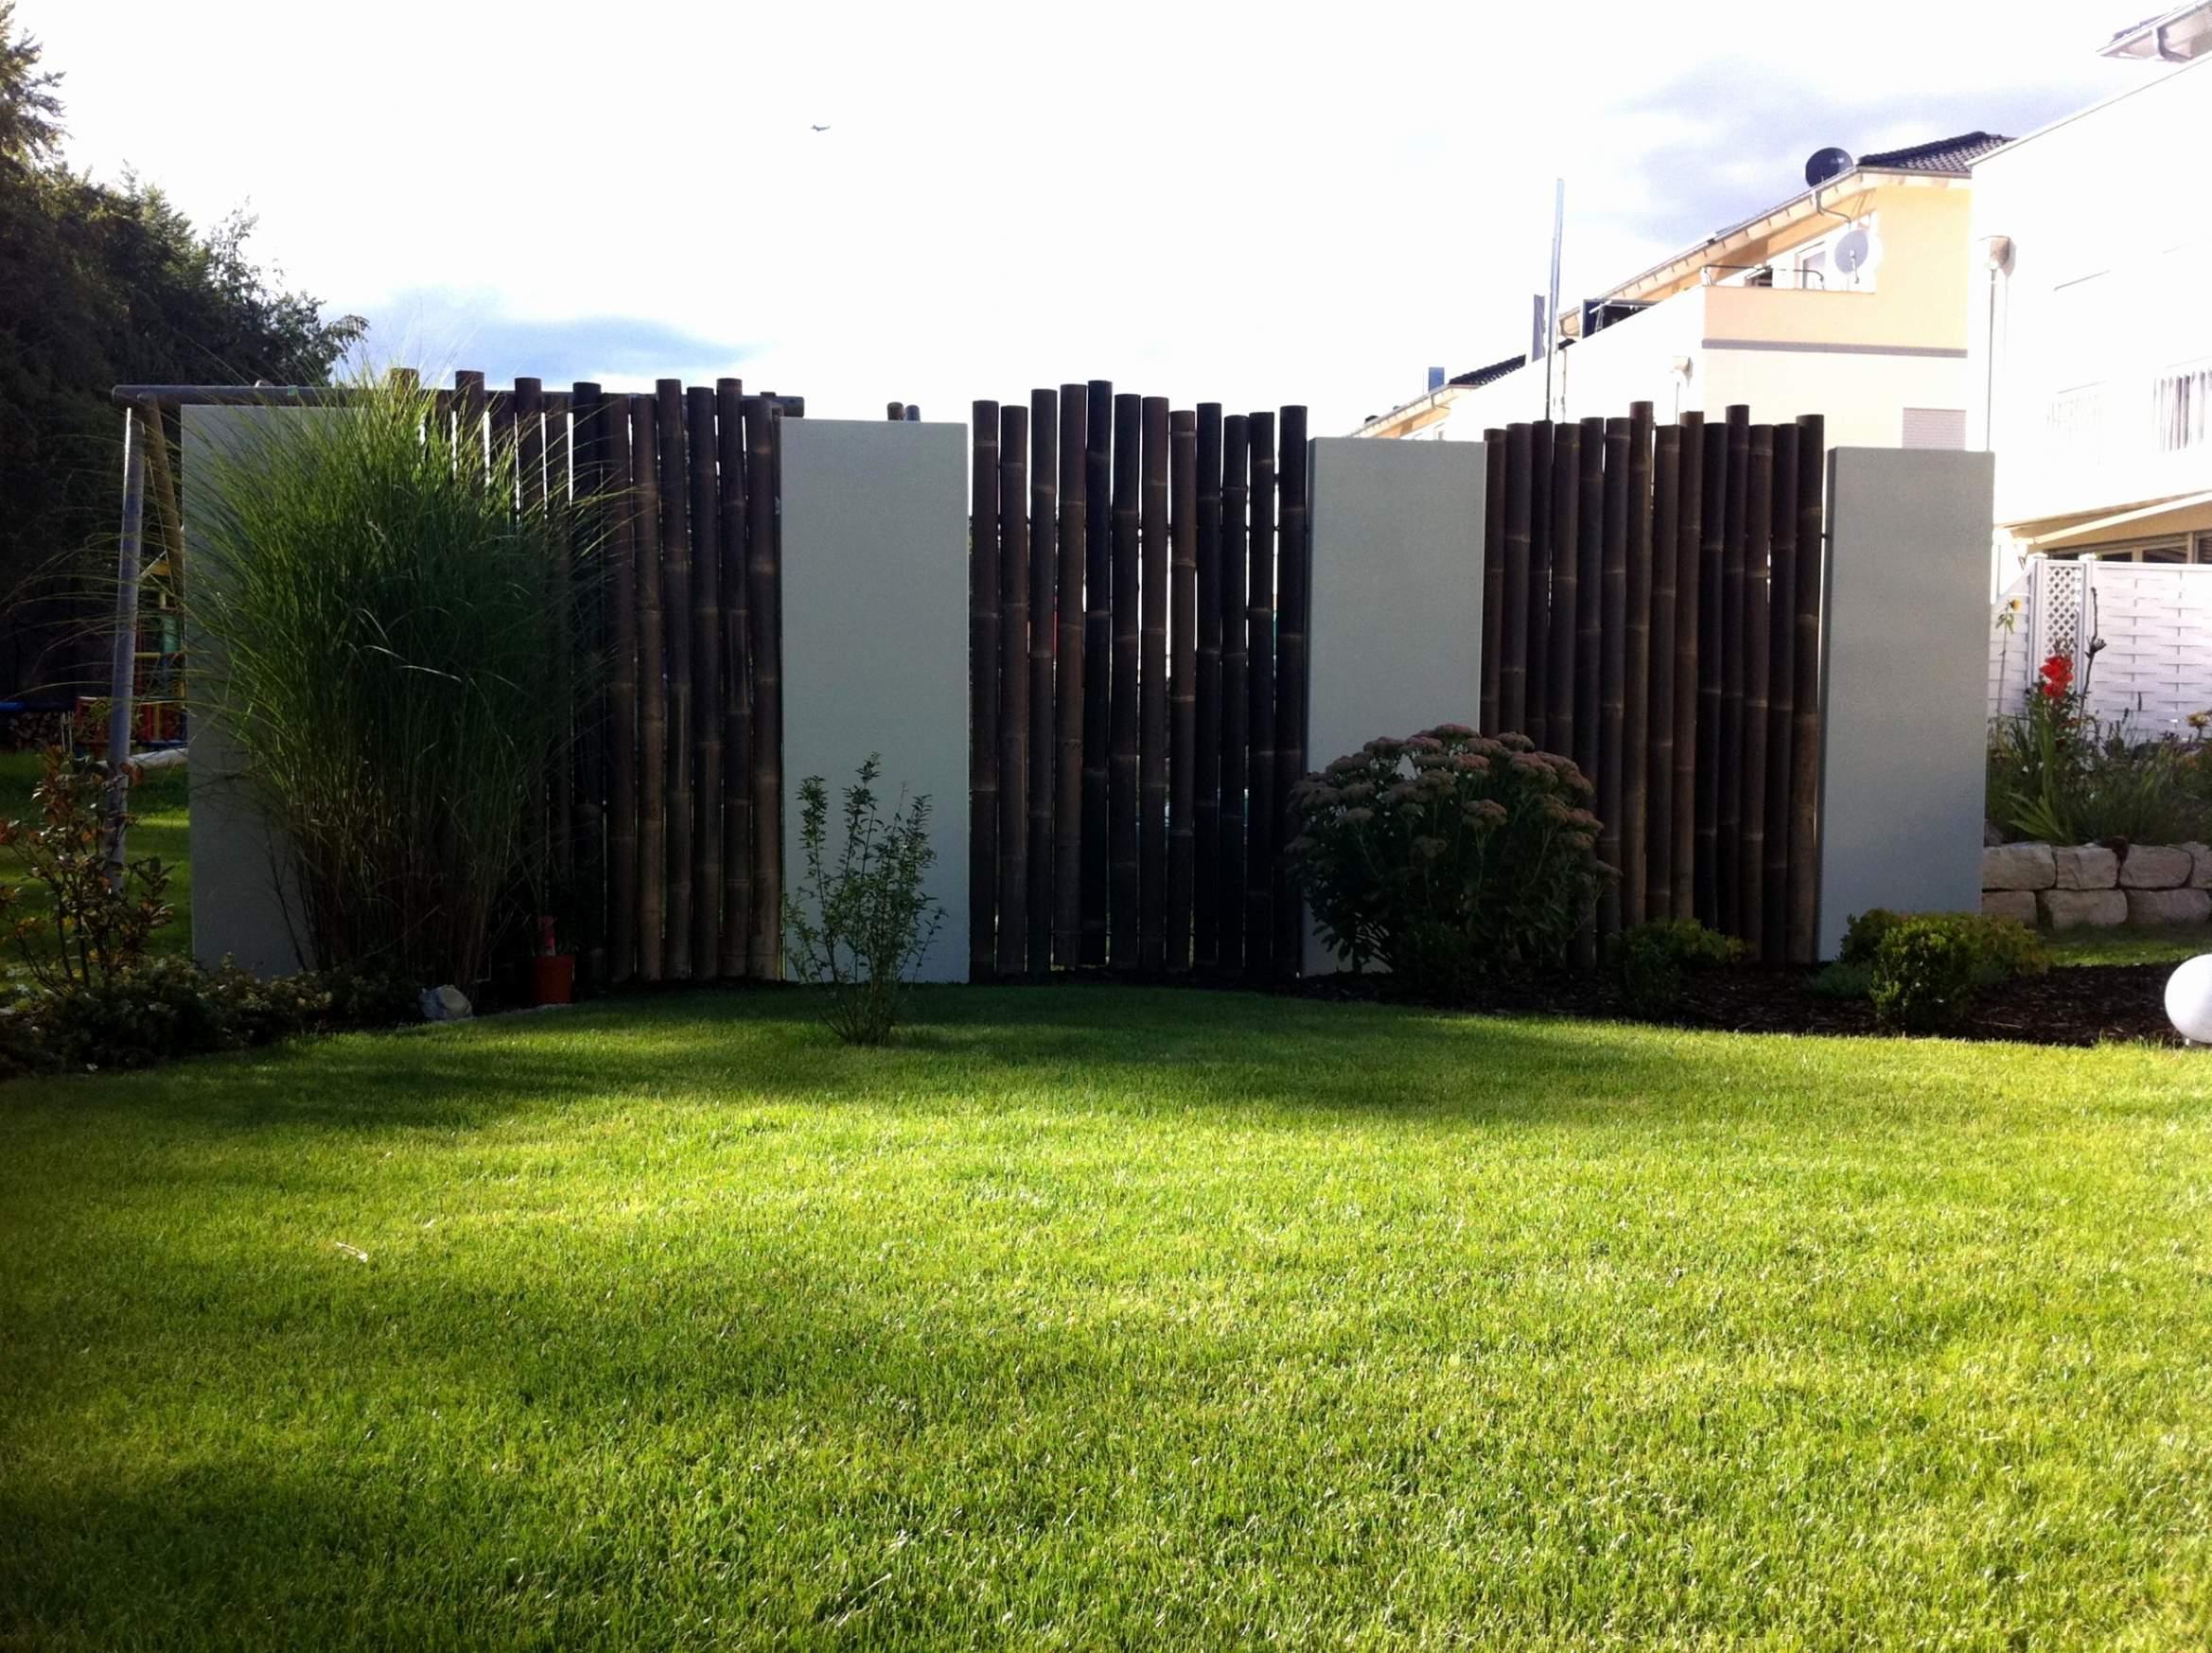 glas sichtschutz garten elegant sichtschutz pflanzen terrasse temobardz home blog of glas sichtschutz garten